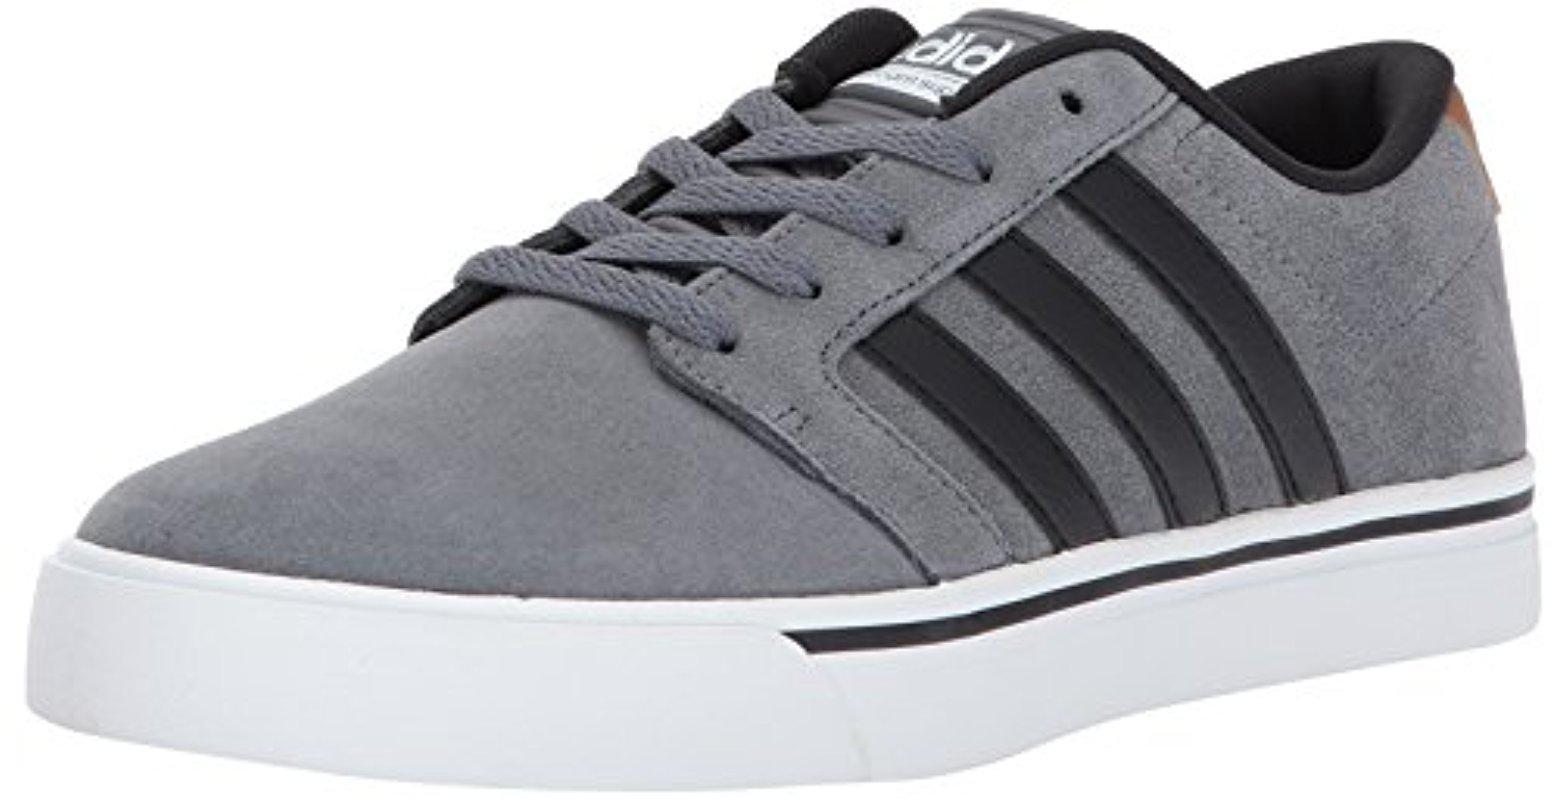 best service d233e 20582 new zealand super skate basket gris catalyseur adidas neo adidas fc 4 noir  bois c830a af30d